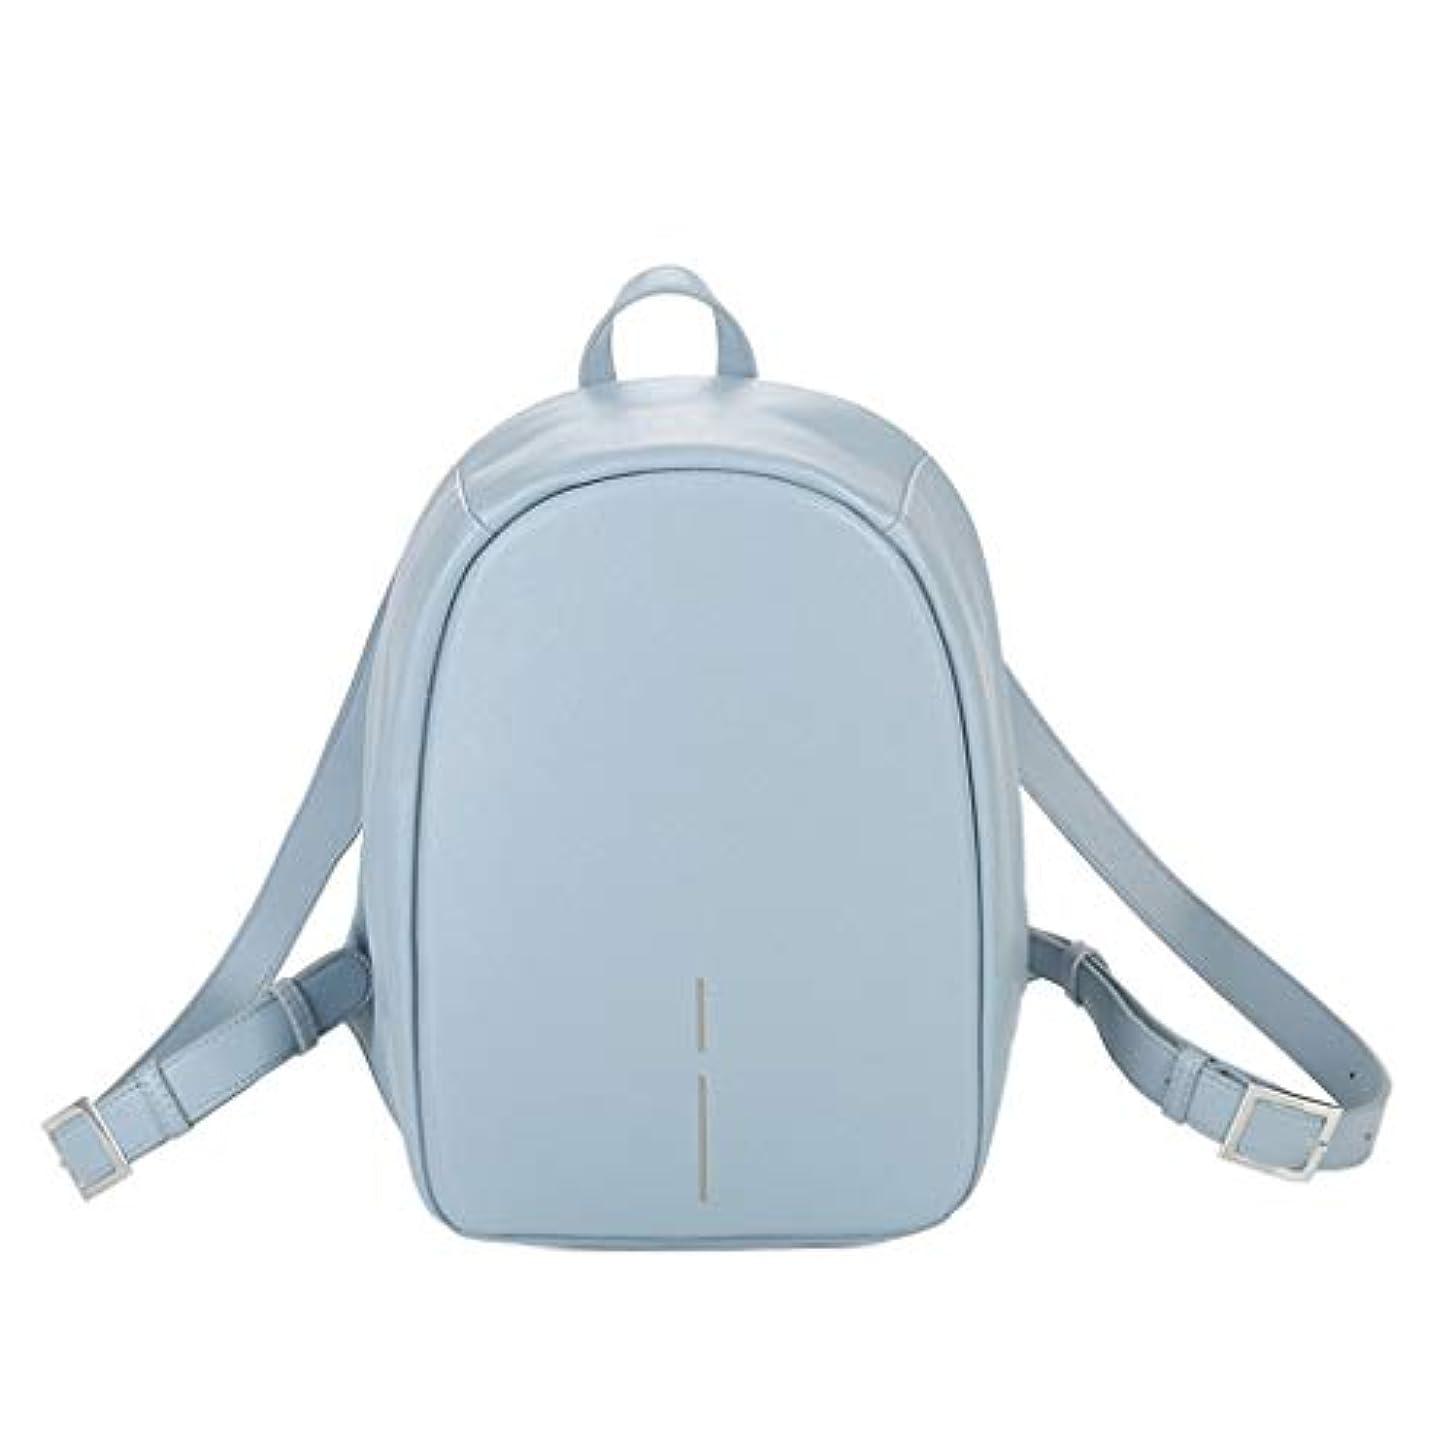 神大洪水クレタ女性のためのコンピュータバックパックシンプルなレザーバックパック気質多機能旅行小さなバックパック多機能ブックバッグ用十代の若者たち女の子ジュニアミドルカレッジバッグ